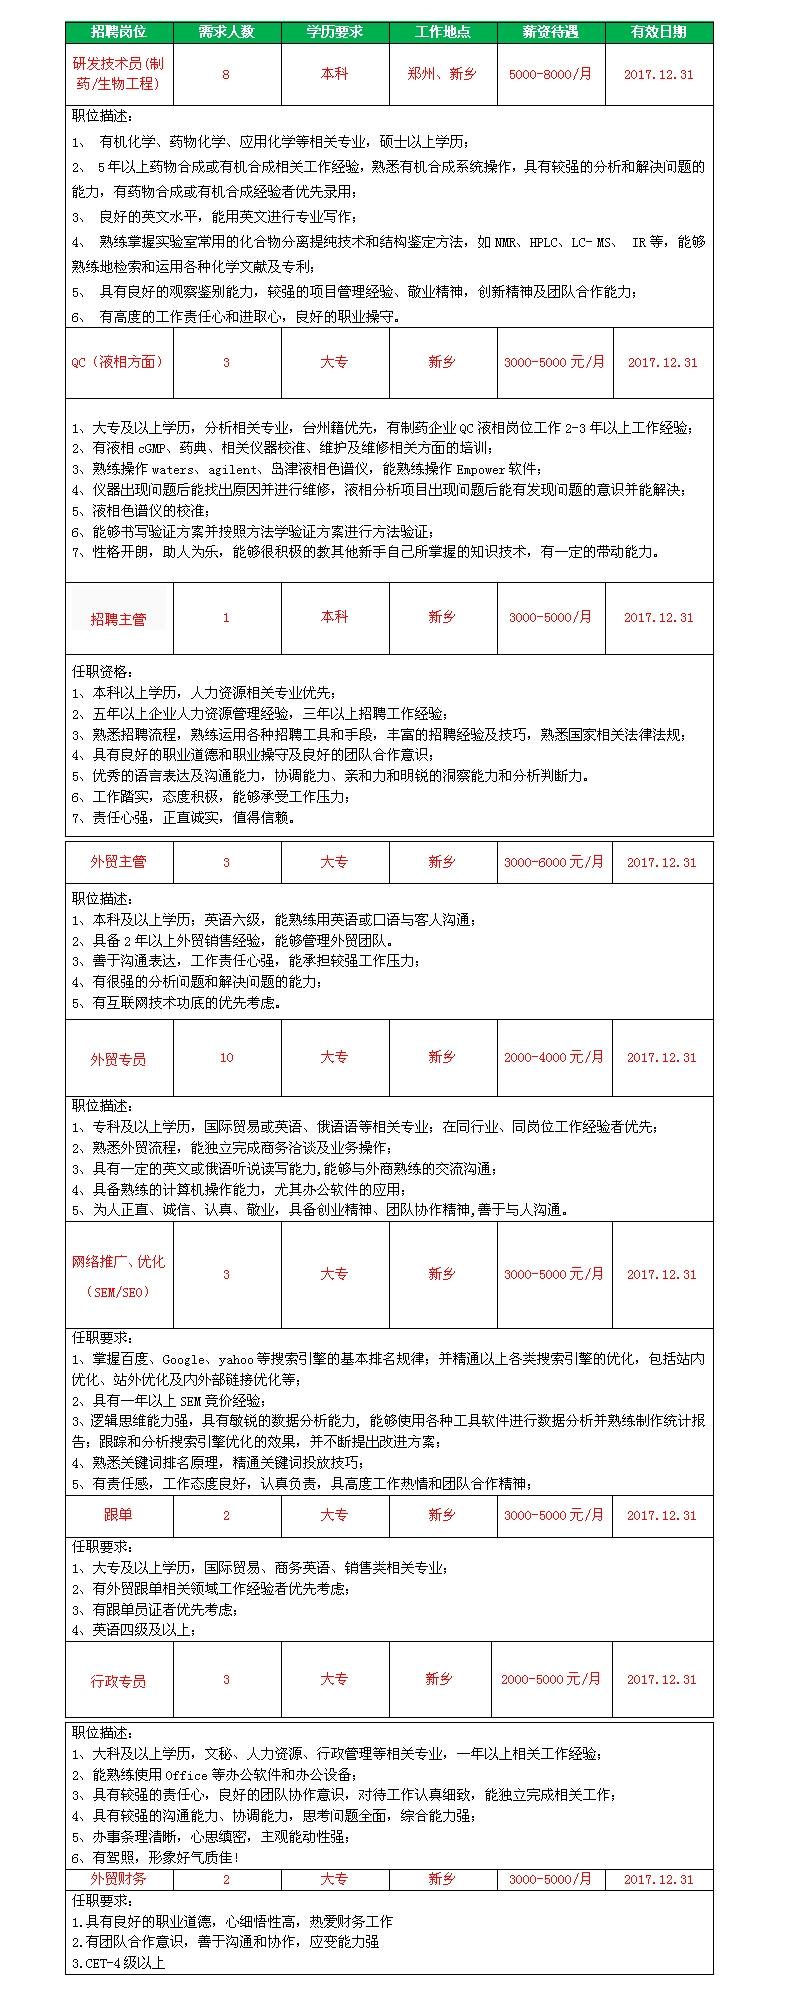 2017招聘计划.jpg